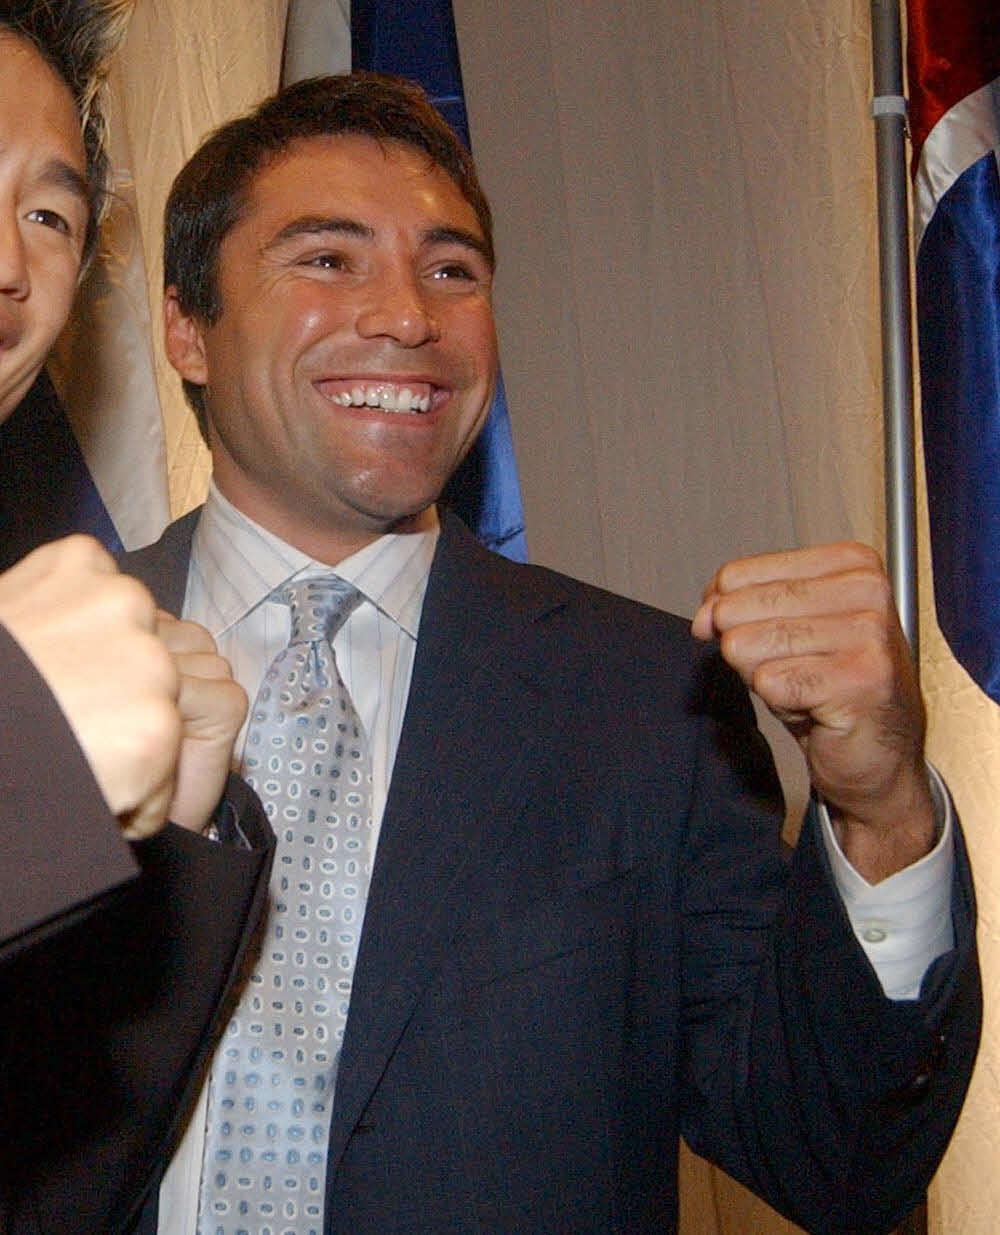 オスカー・デラホーヤ氏(2002年12月撮影)